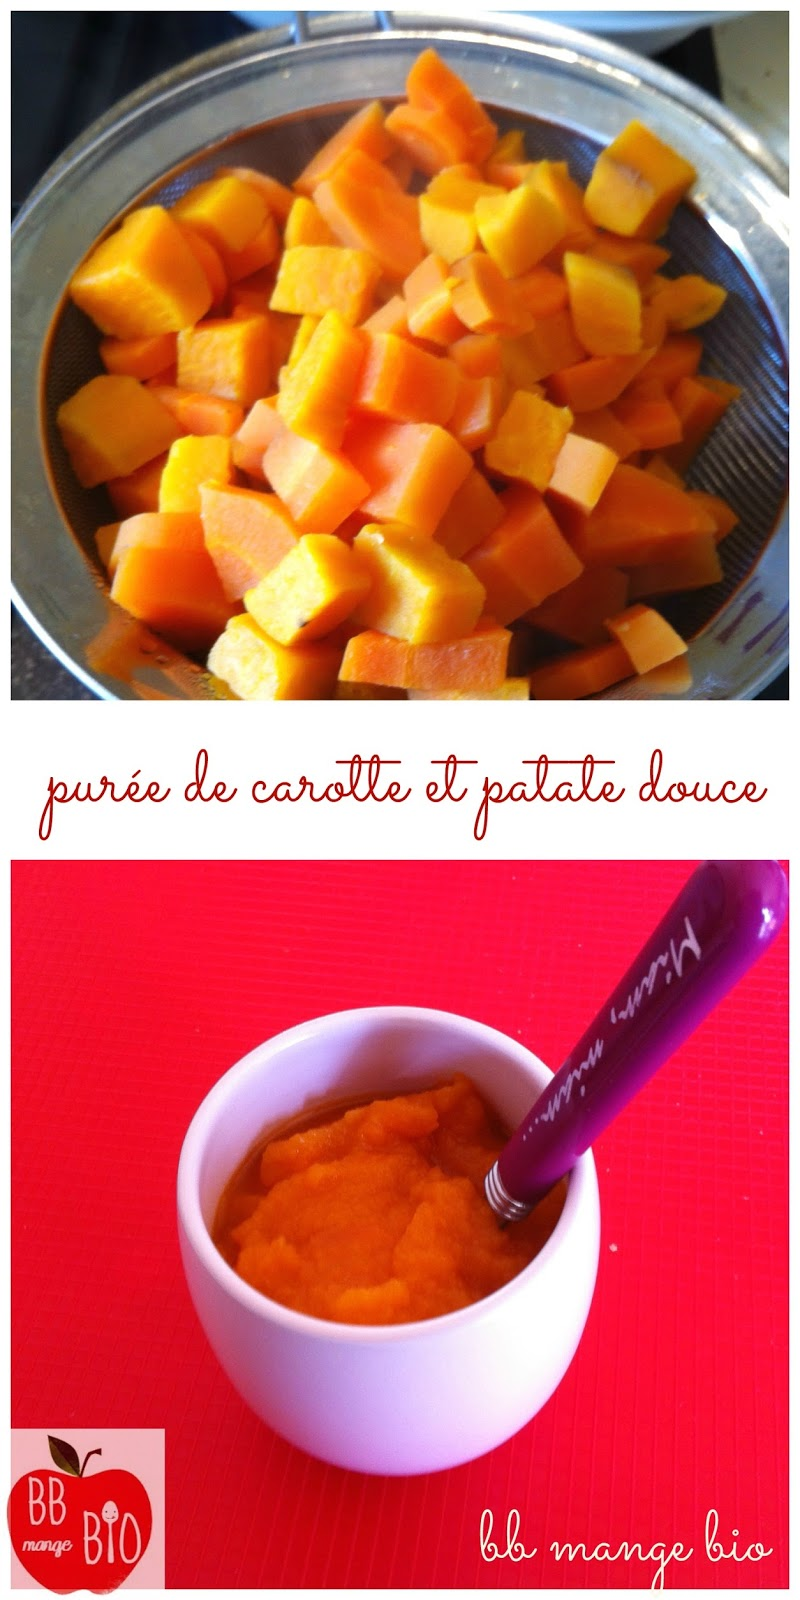 BB mange bio vous donne la recette de la purée de carotte et patate douce à partir de 6 mois